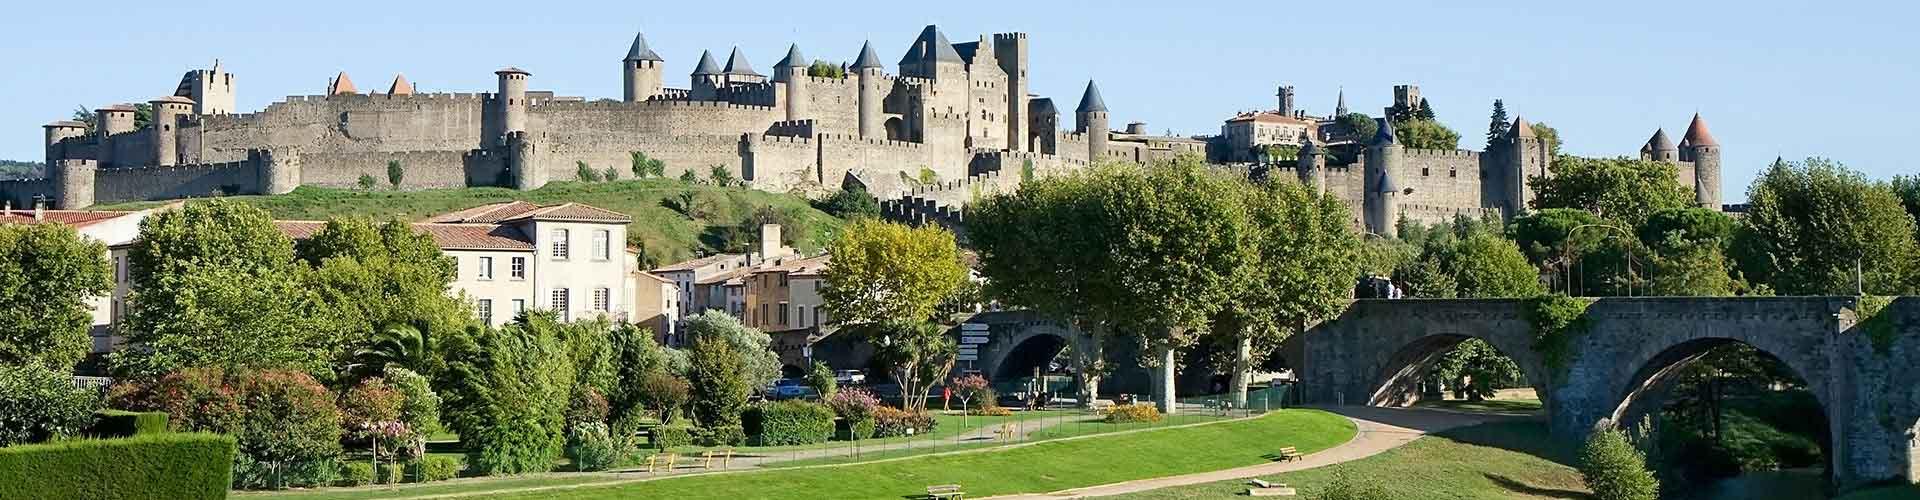 Carcassonne - Campamentos en Carcassonne. Mapas de Carcassonne, Fotos y comentarios de cada Campamento en Carcassonne.